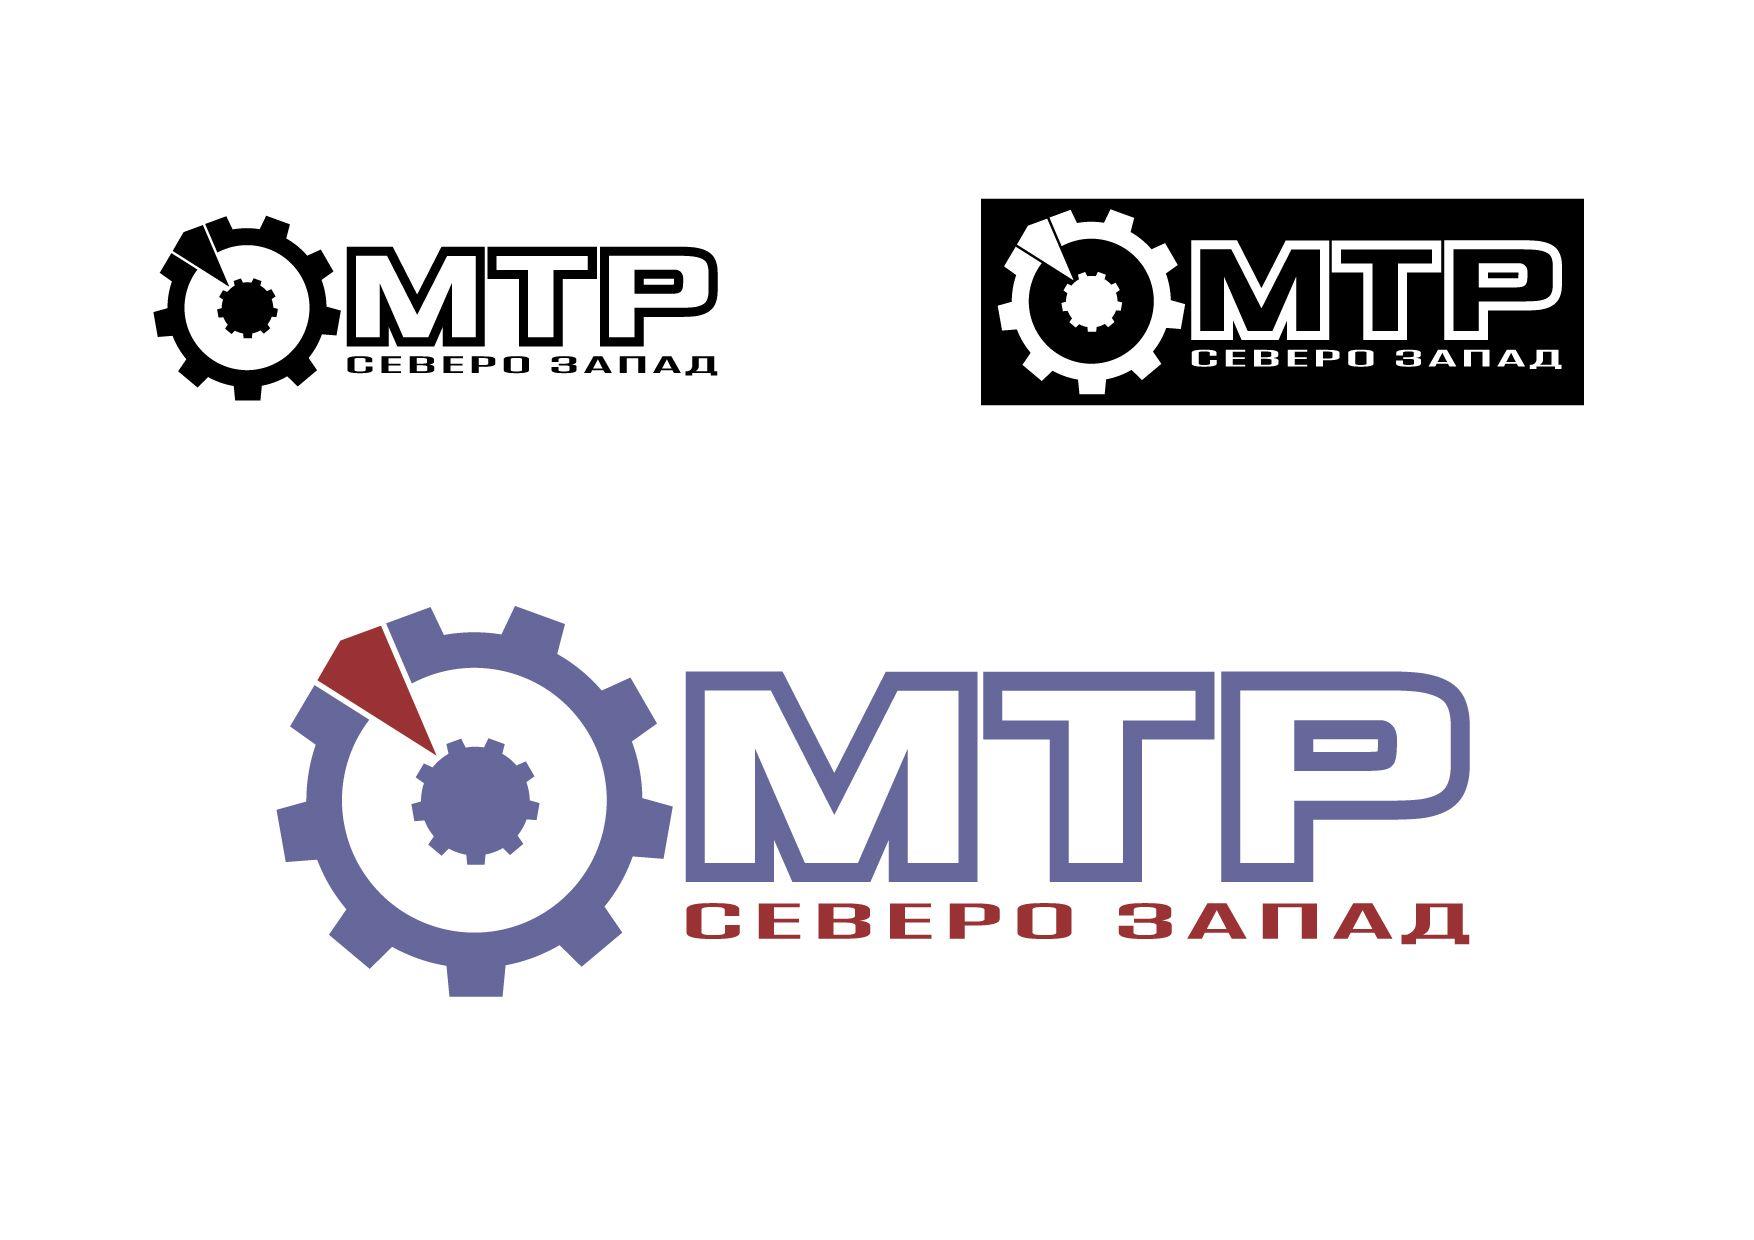 Редизайн лого (производство и продажа мототехники) - дизайнер demian754